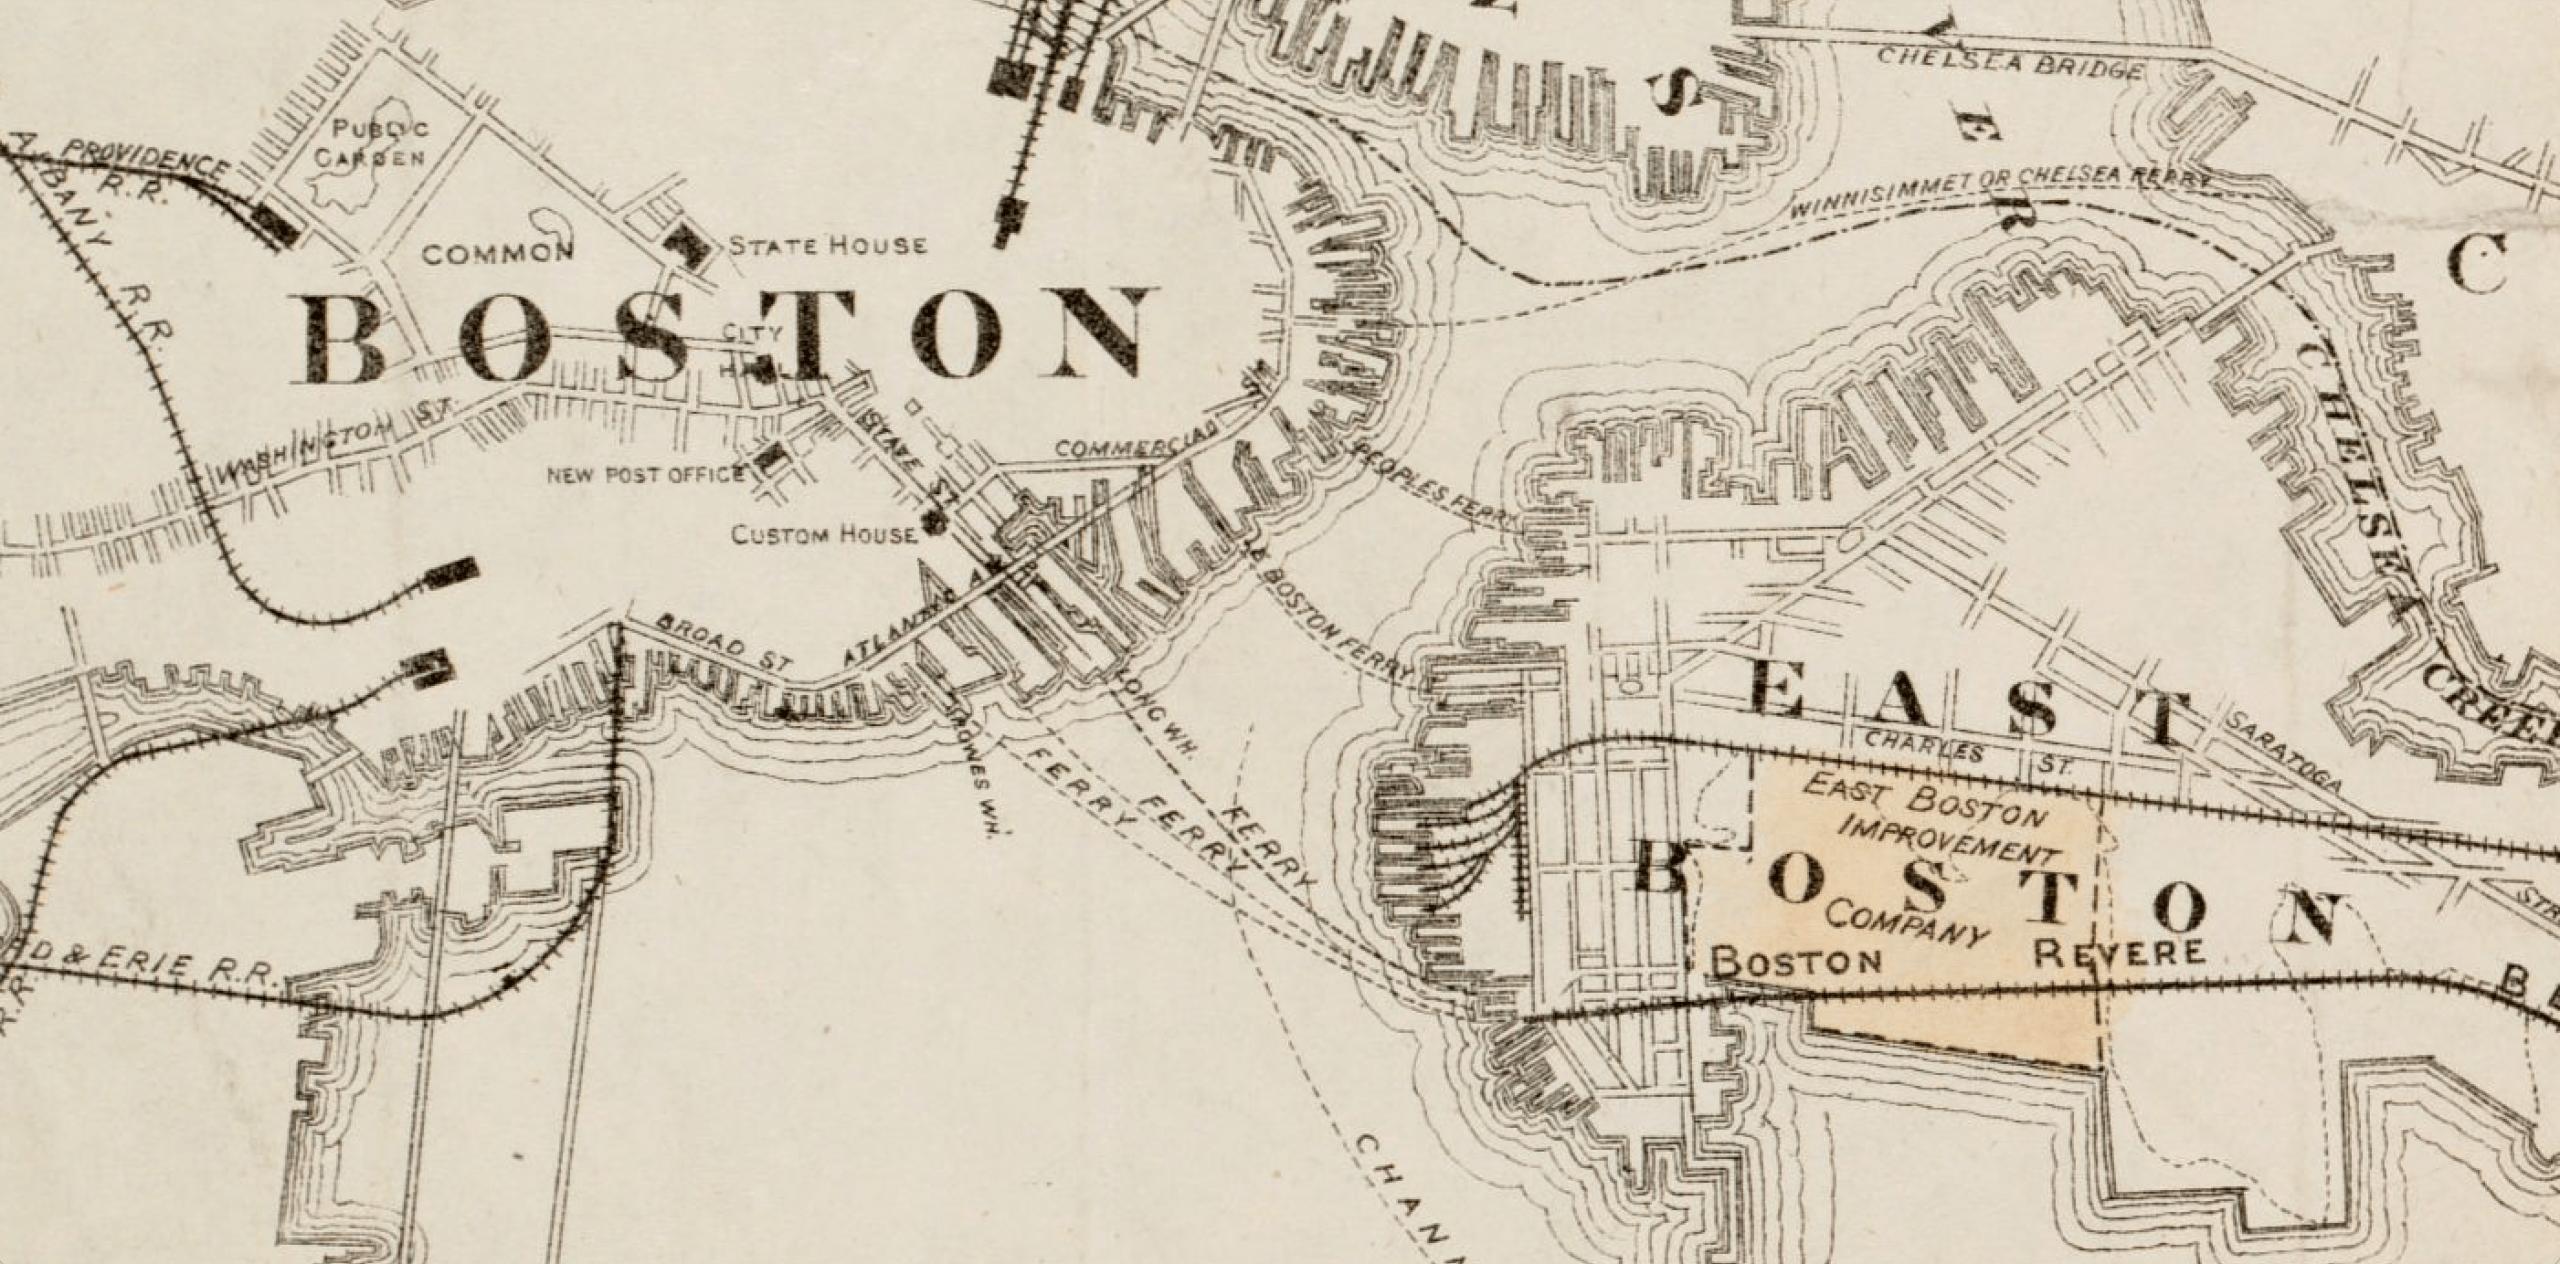 """Las líneas de ferry están indicadas en el mapa del """"Plan de propiedad de Boston Land Co. y sus alrededores"""", que se cree que se trazó entre 1880 y 1889. (Cortesía de la Biblioteca Pública de Boston, Norman B. Leventhal Map Center)"""